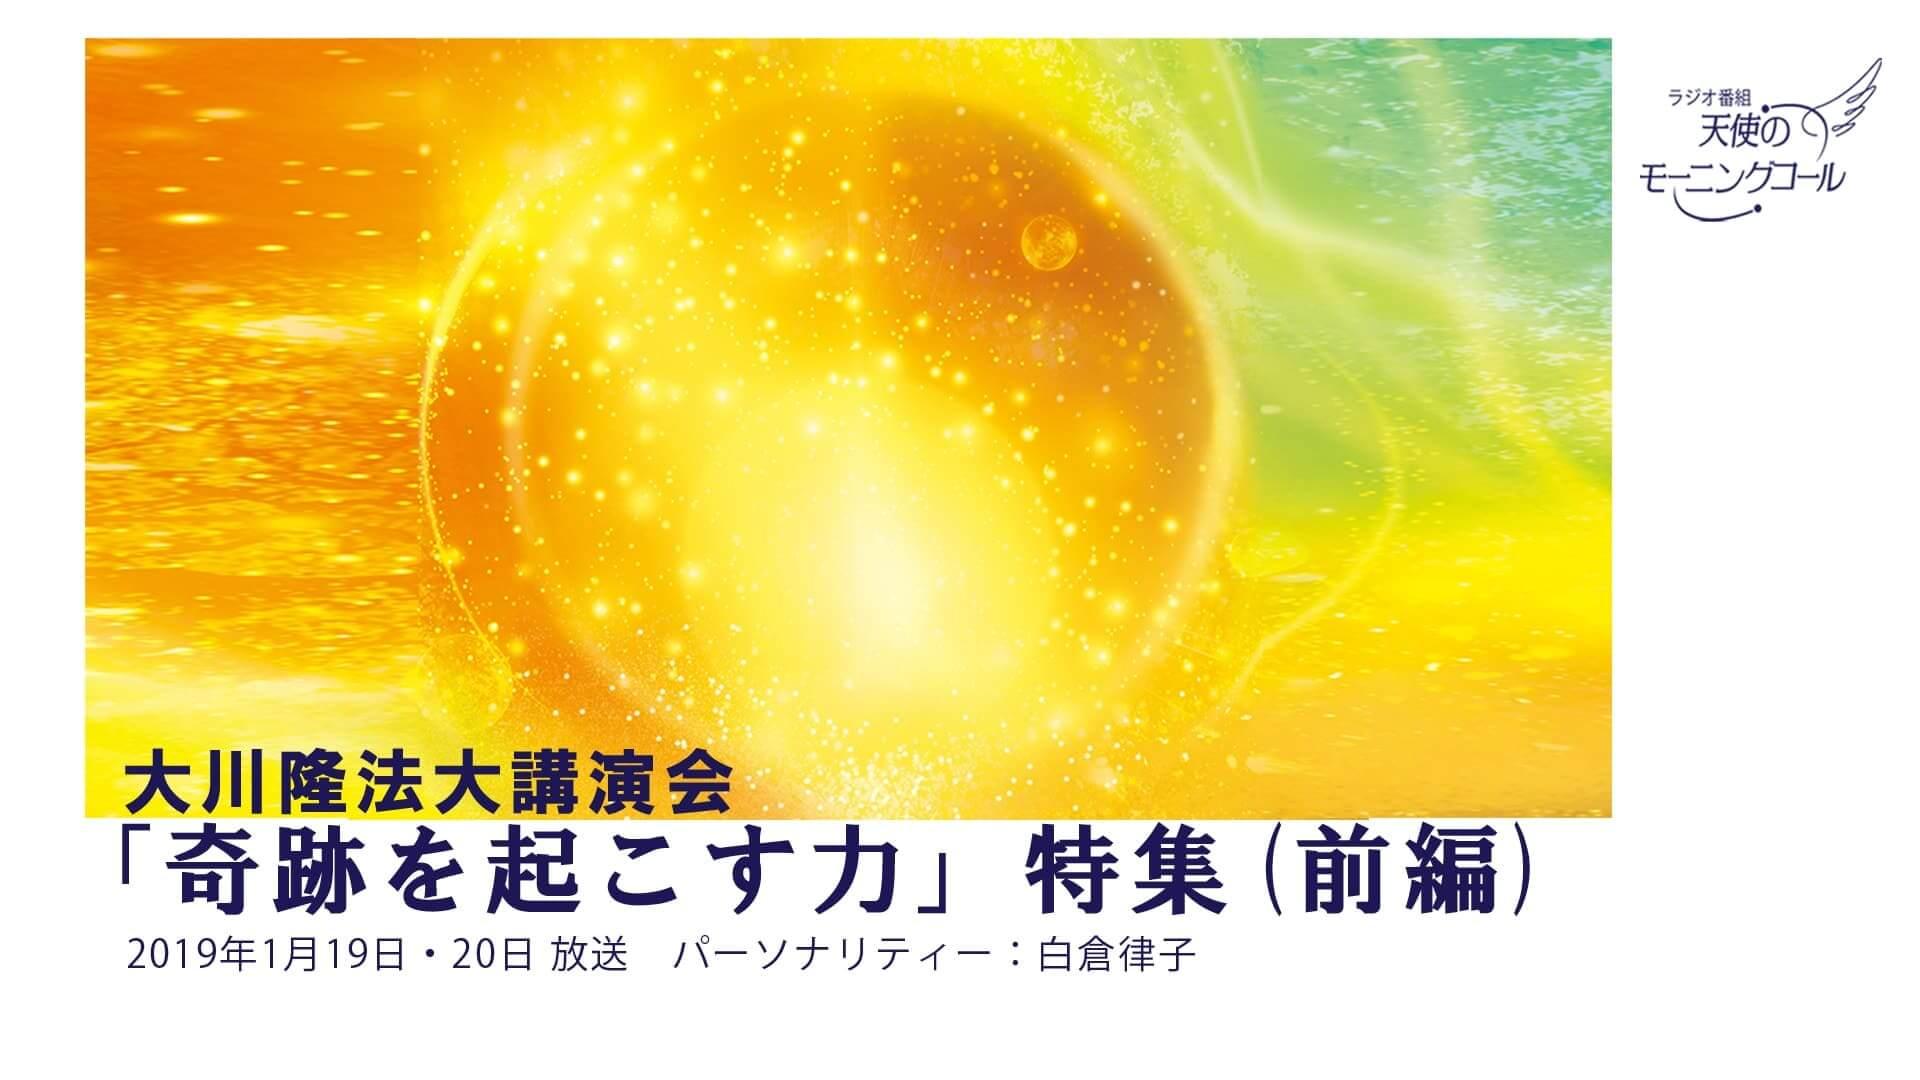 大川隆法講演会「奇跡を起こす力」特集(前編)